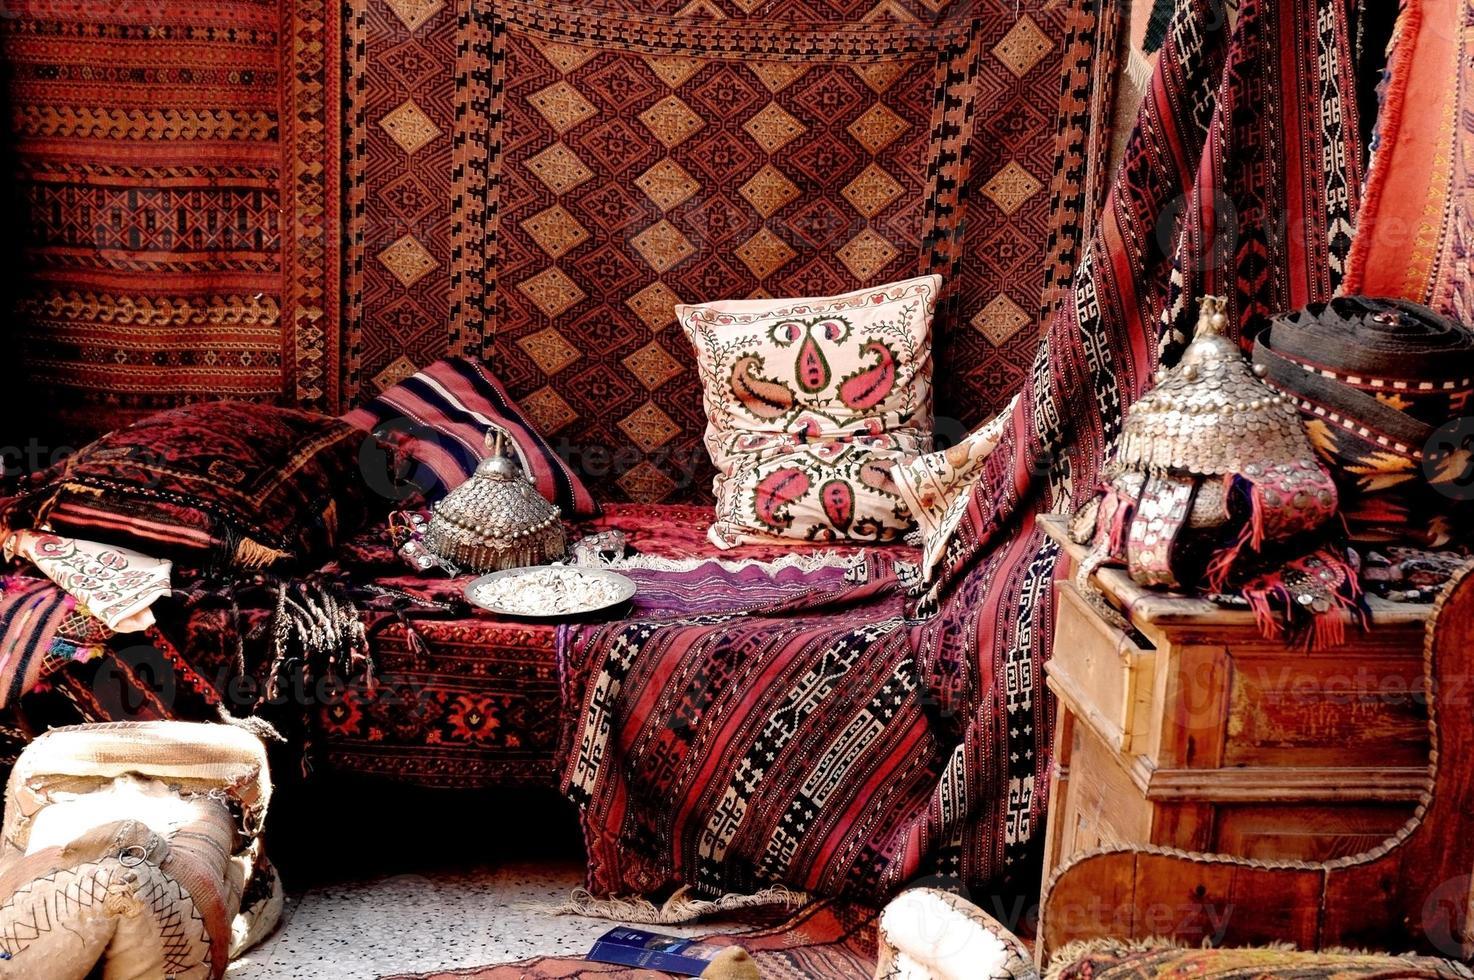 Ein wunderschöner Blick in einen türkischen Teppichladen auf einem Basar foto